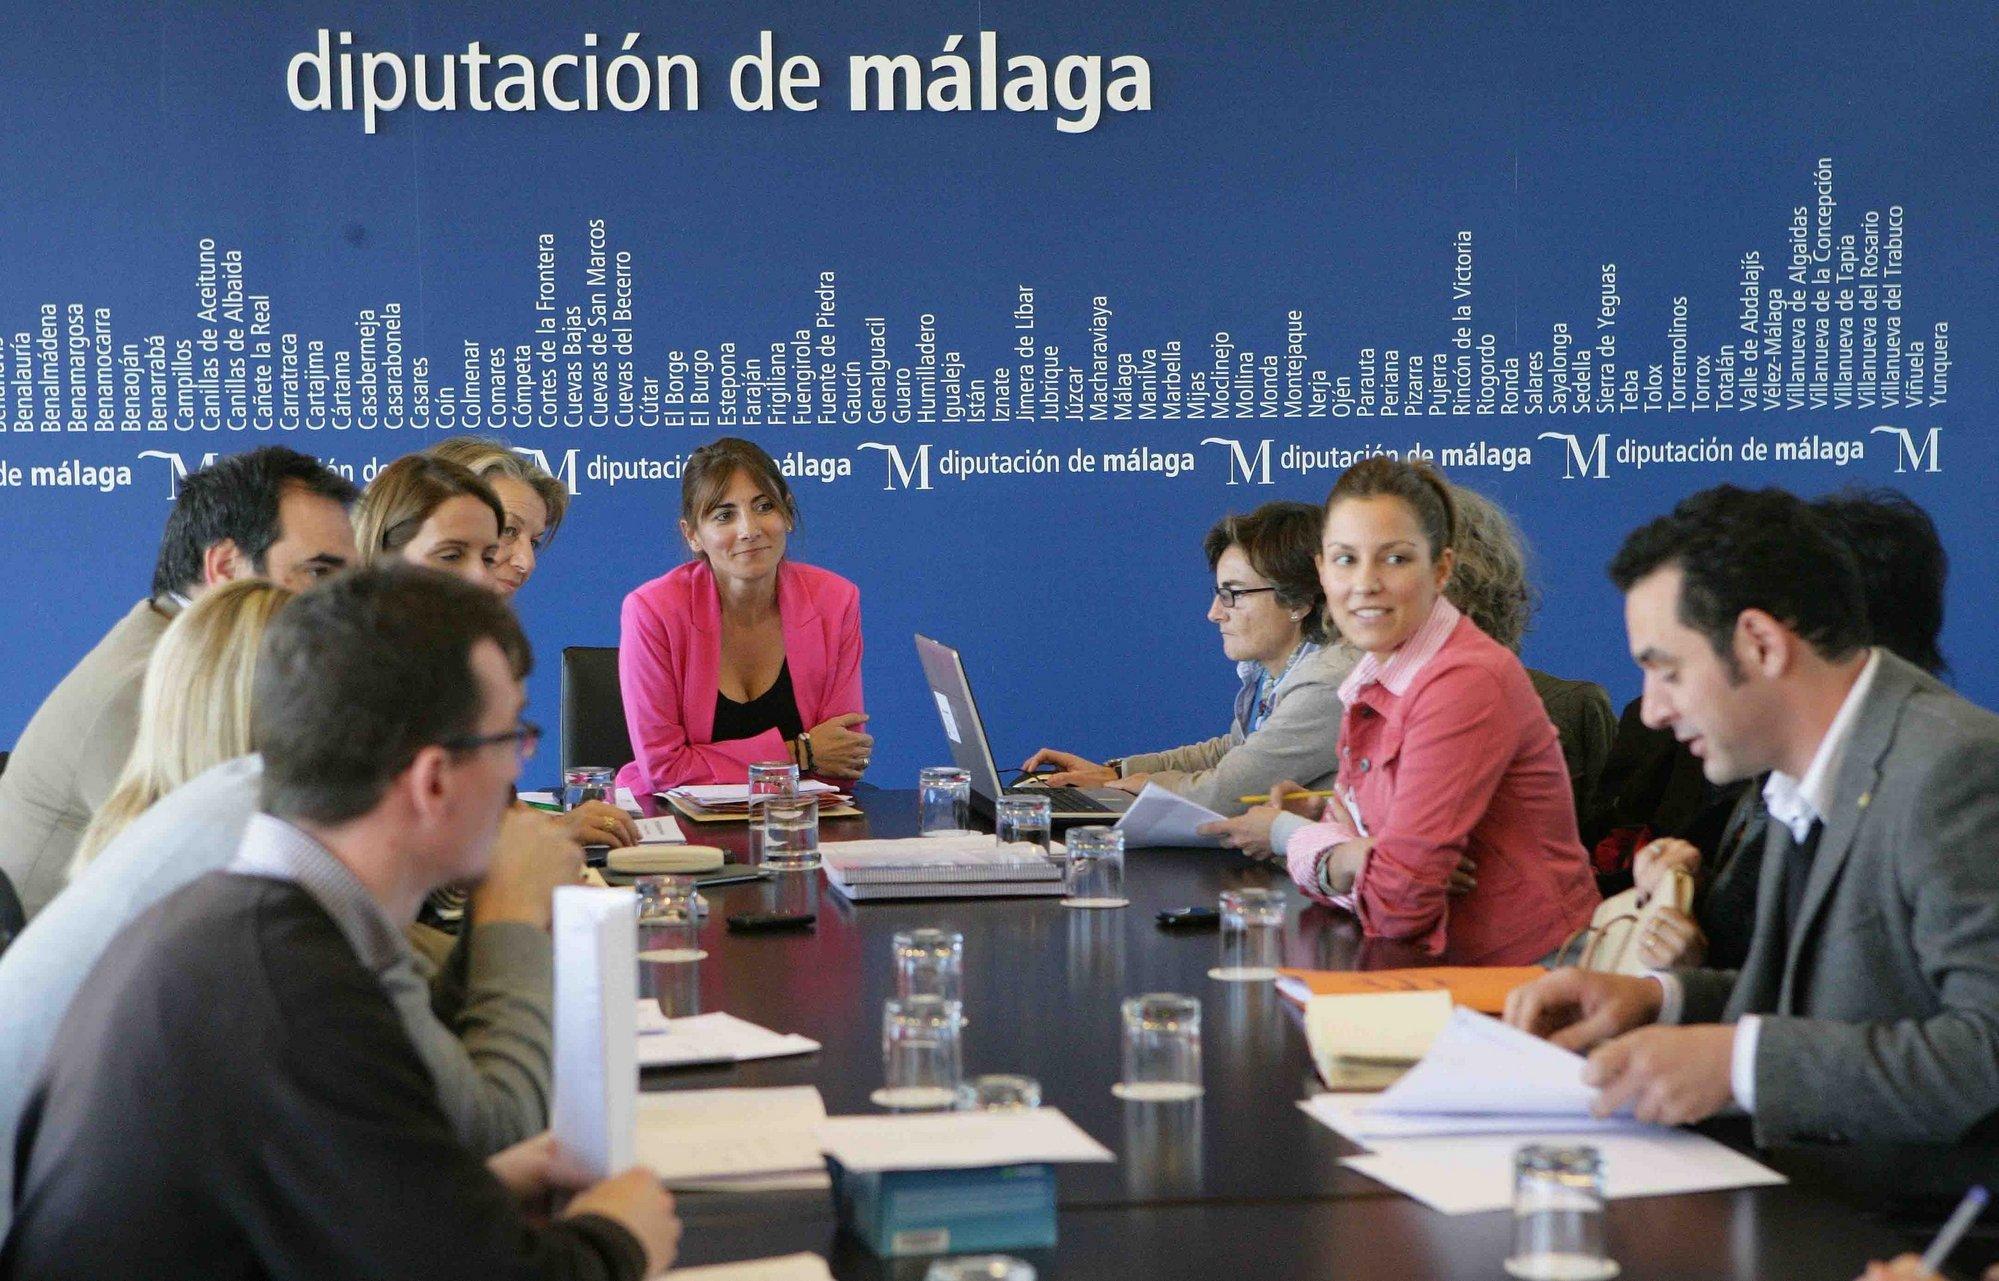 Más de 60 candidaturas optan a los reconocimientos »Mujeres, sin diferencias 2012», que convoca la Diputación